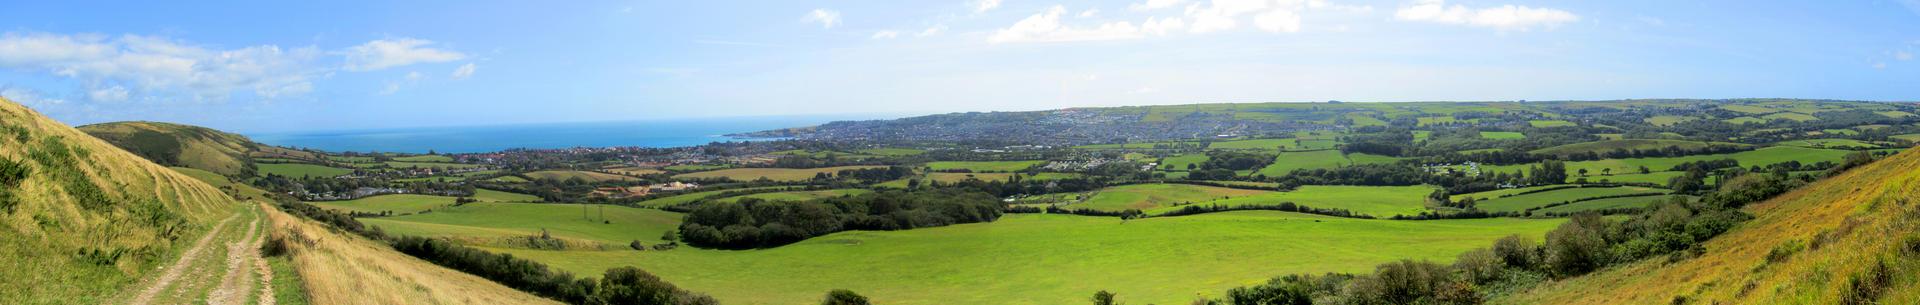 Dorset Walk View Panorama